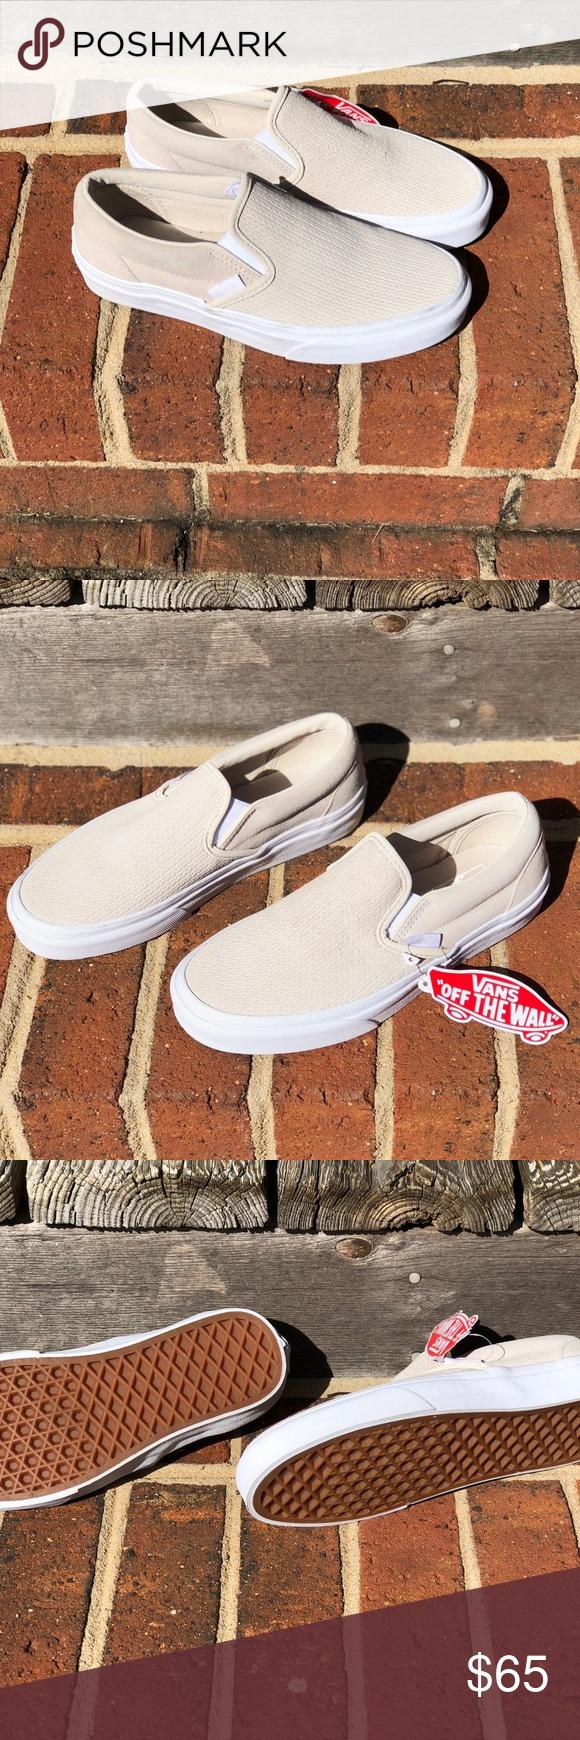 857eba93ce Vans Classic Slip-On Sneaker Moonbeam Suede Product Details  🏂Slip-On  Desert Moonbeam and White Embossed 🏂Skate Shoes from Vans.